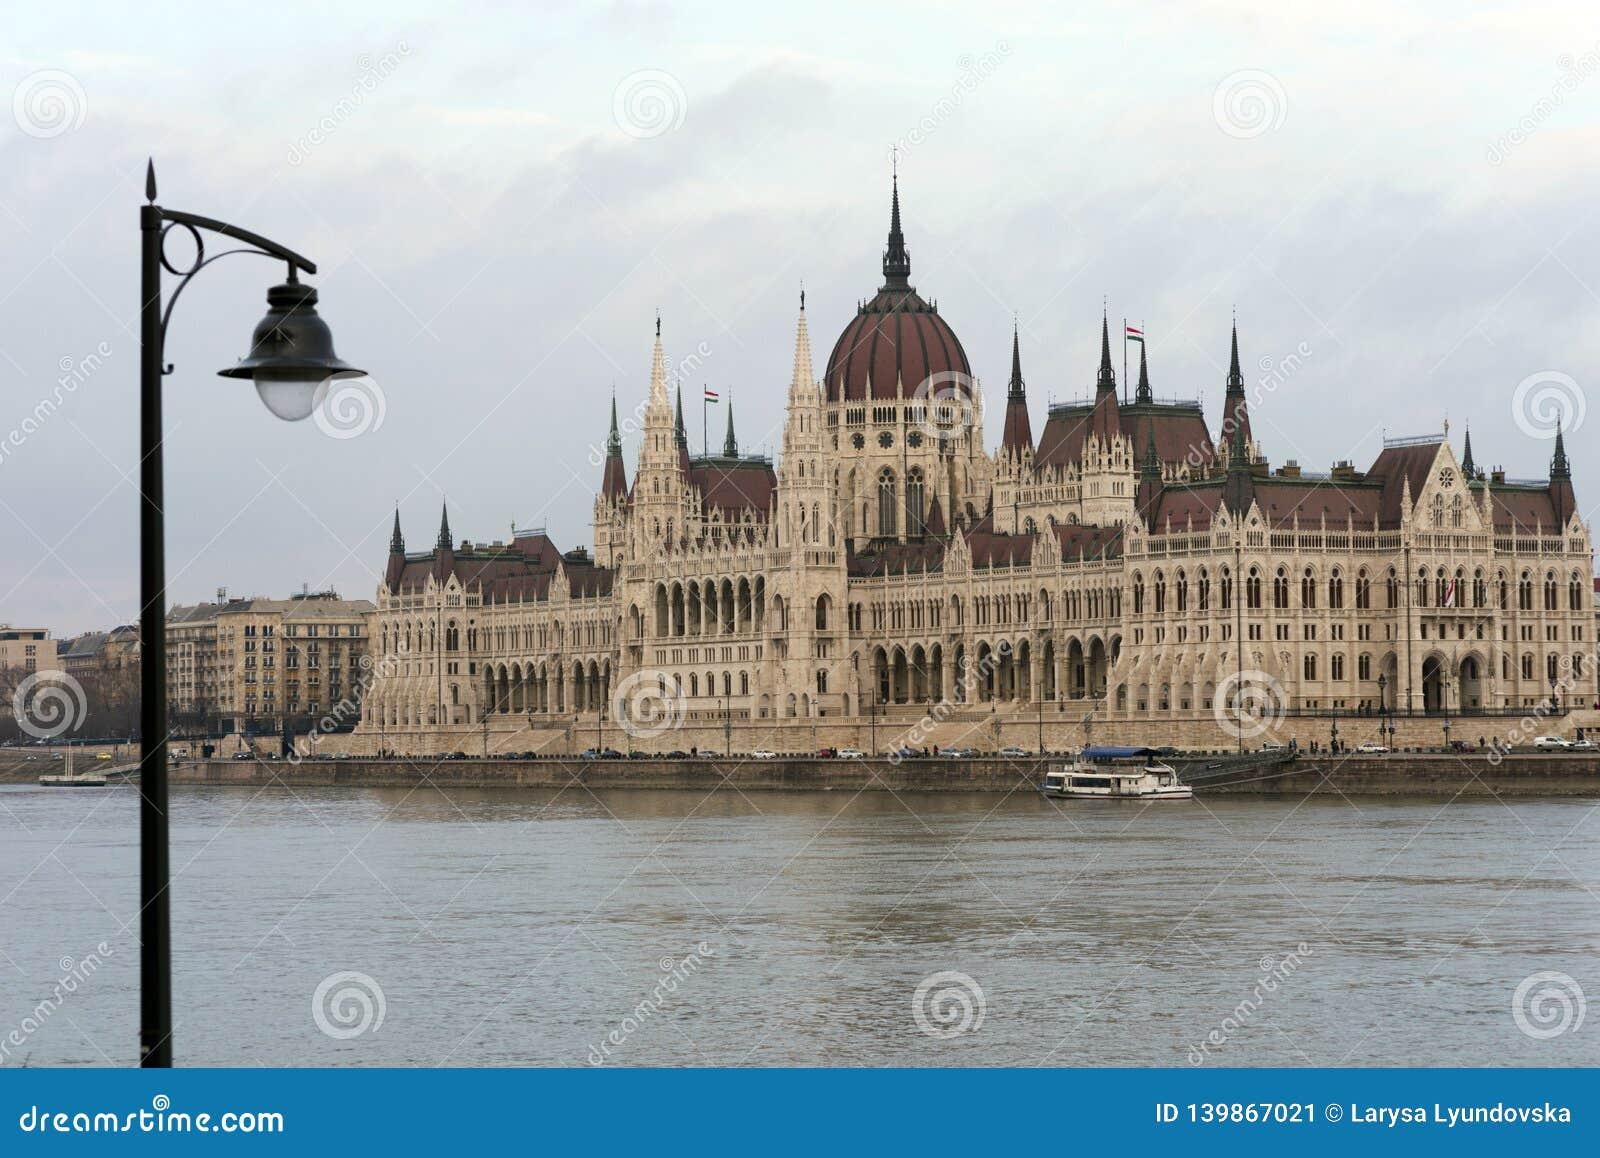 A construção do parlamento húngaro nos bancos do Danúbio em Budapest é a atração principal da capital húngara